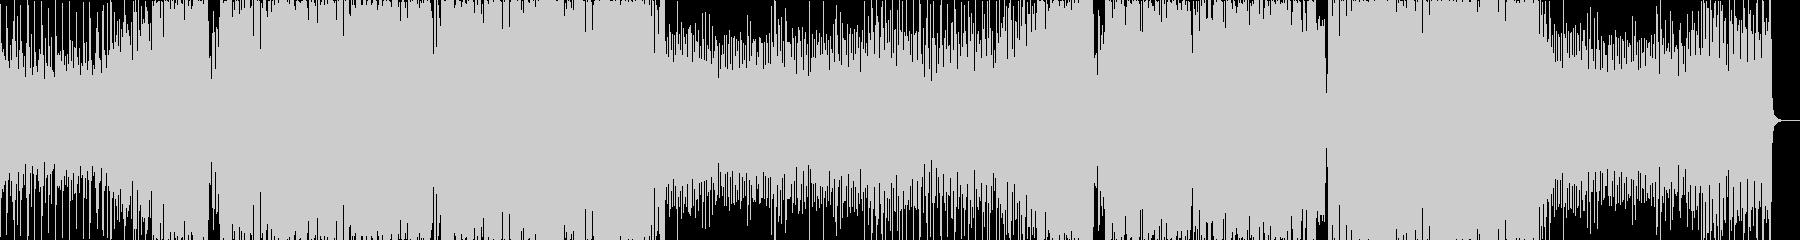 不気味なニューロファンク、ドラムンベースの未再生の波形